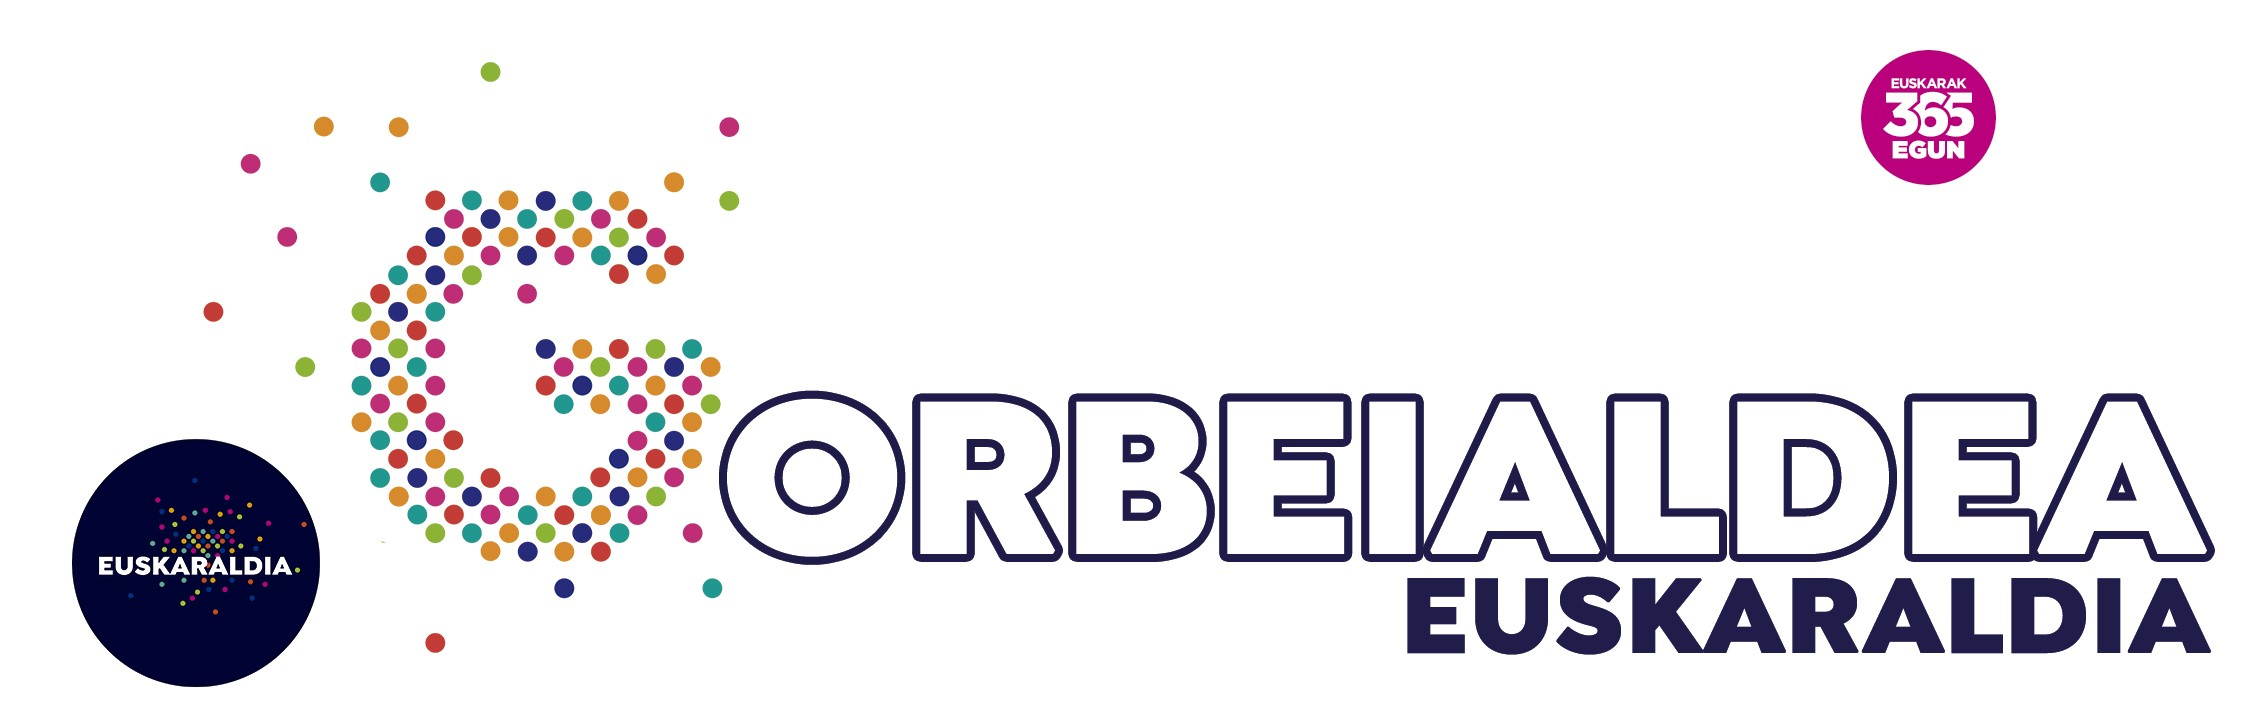 Gorbeialdea